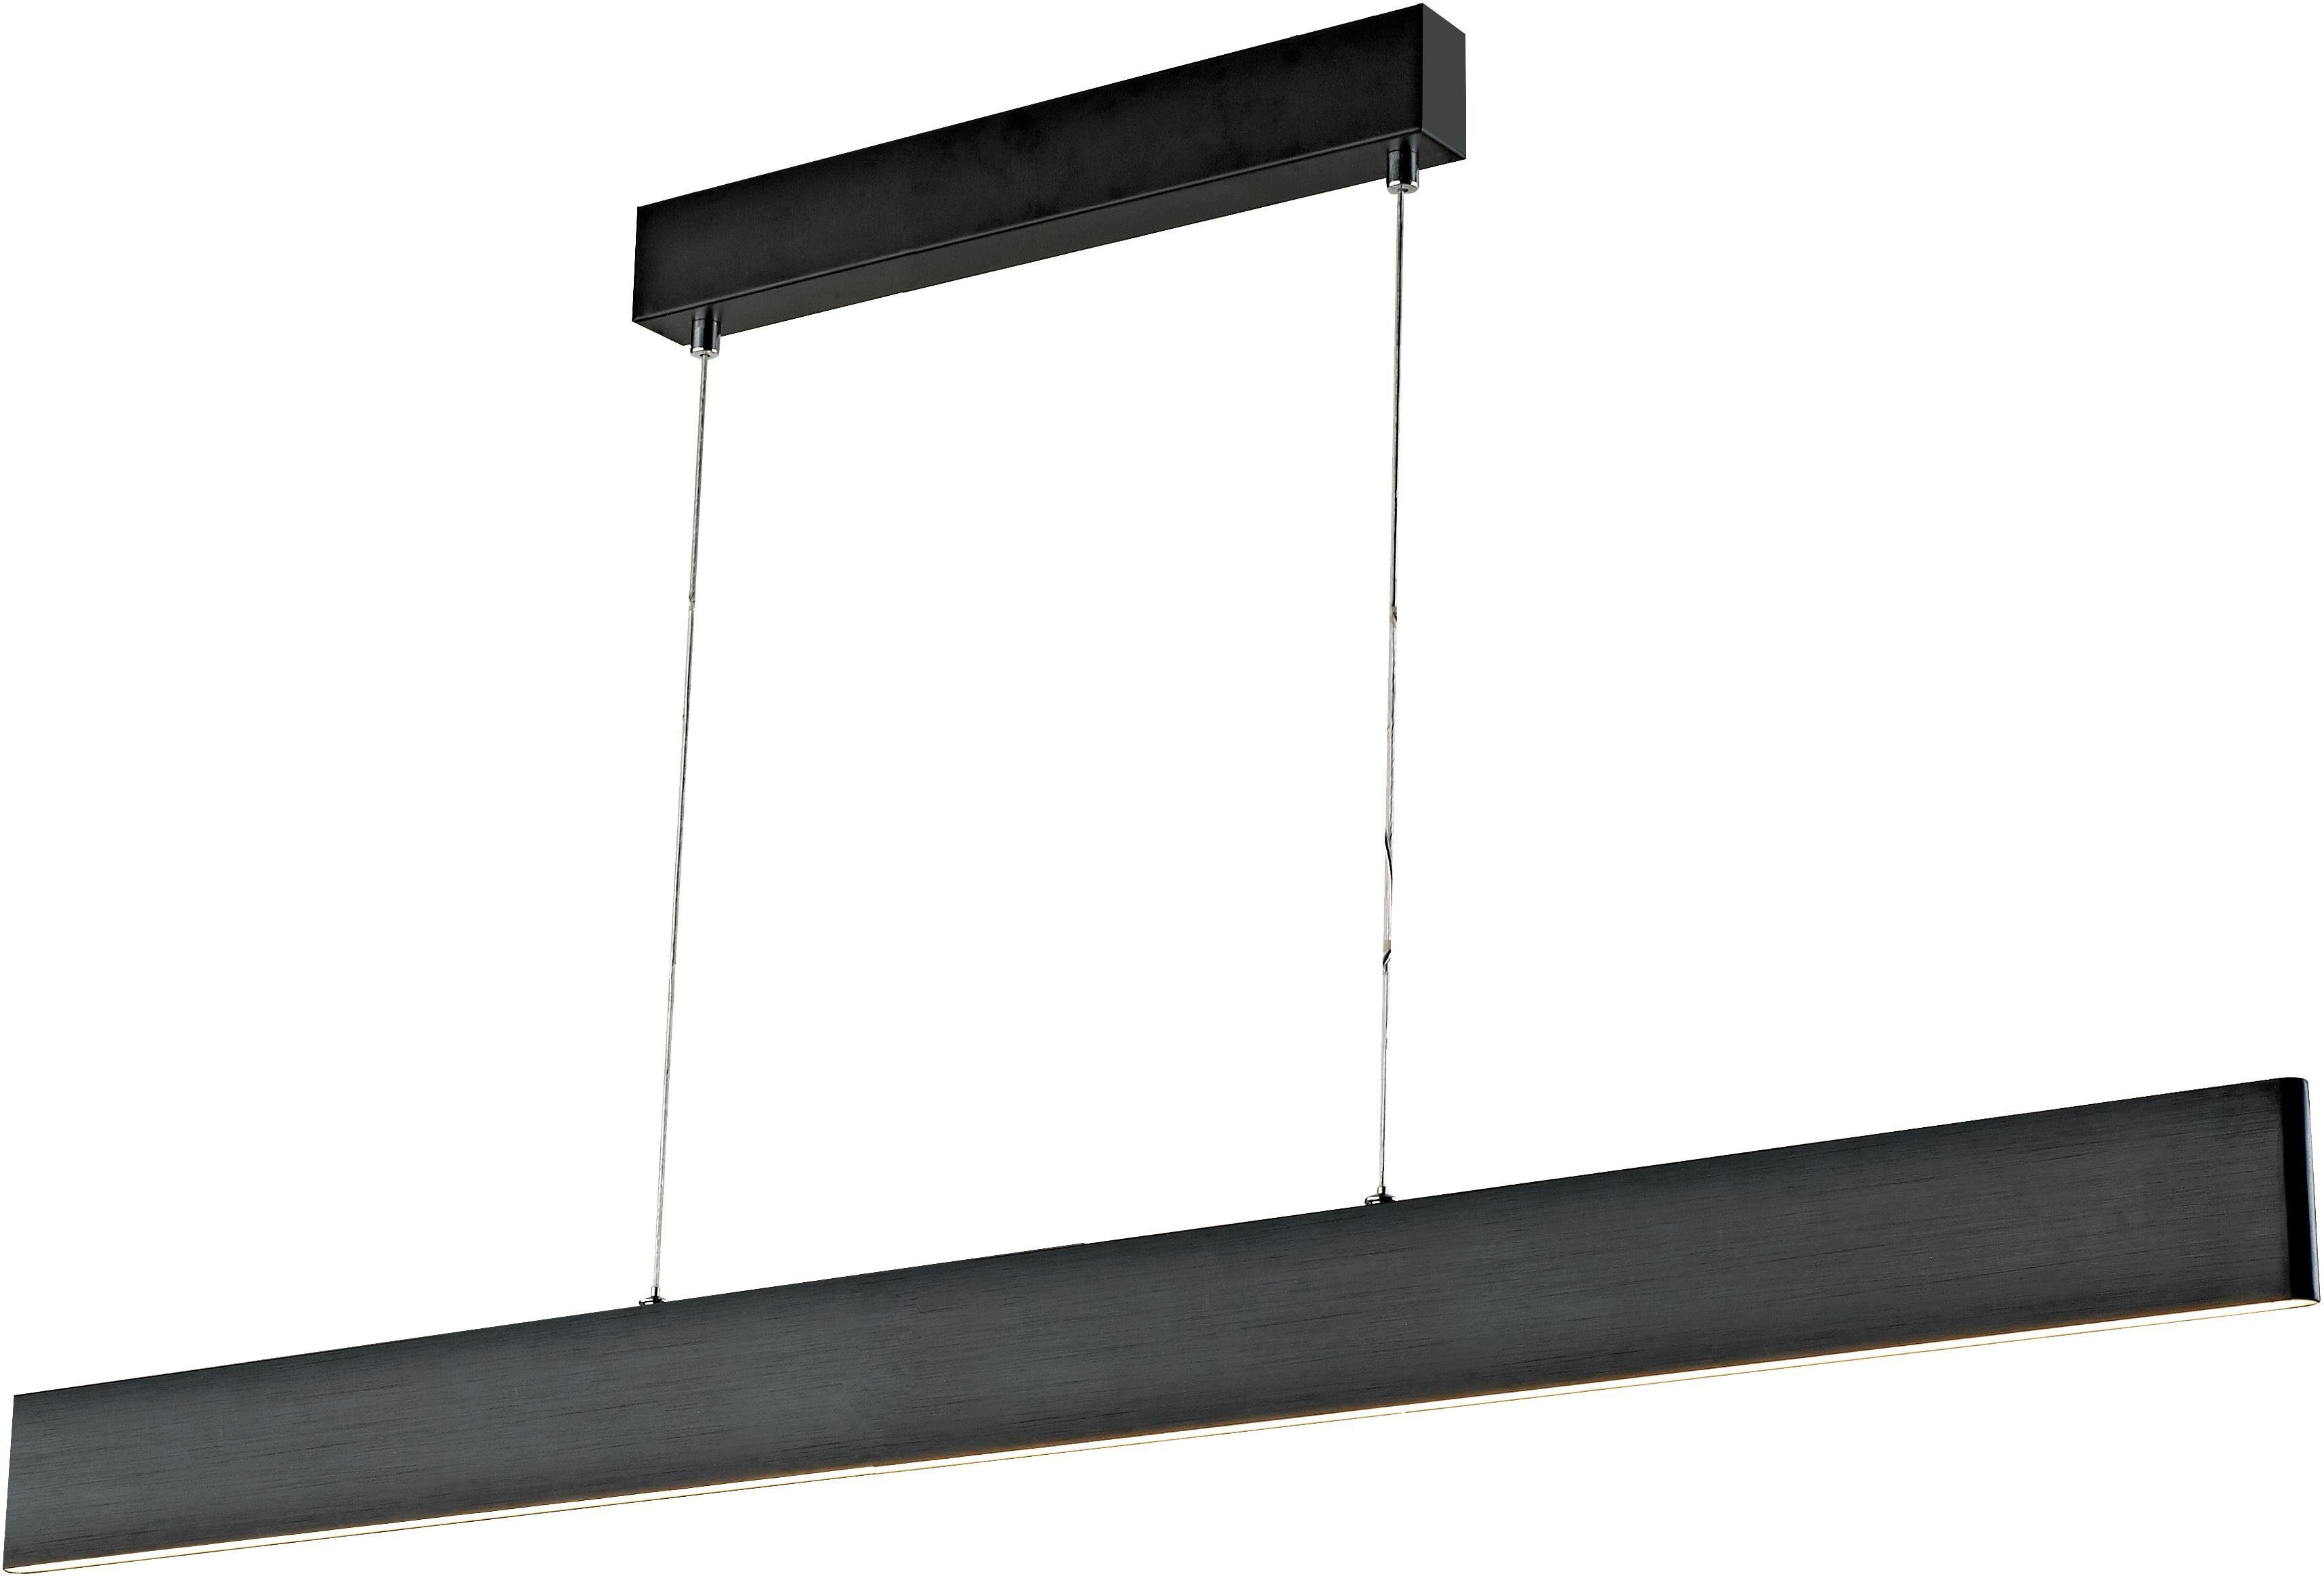 WOFI Pendelleuchte SILEAS, LED-Board, Warmweiß, Hängeleuchte, Hängelampe